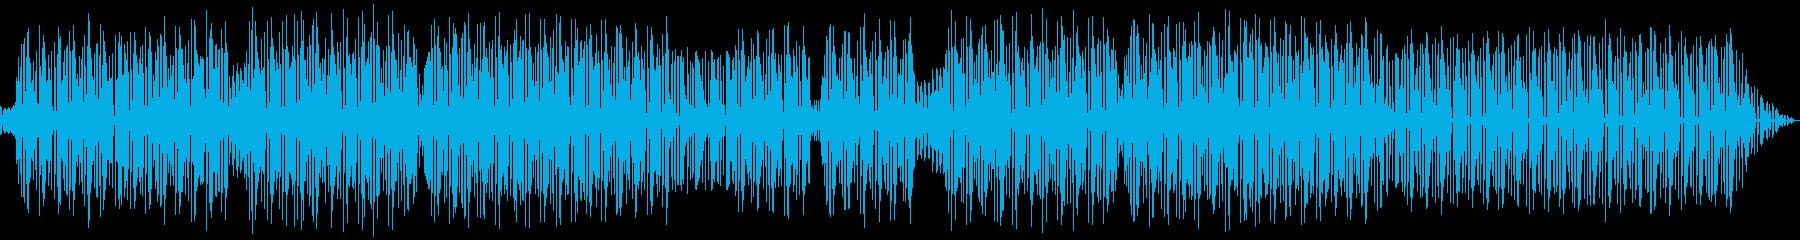 ディープ・ハウス。クラシックパッド...の再生済みの波形